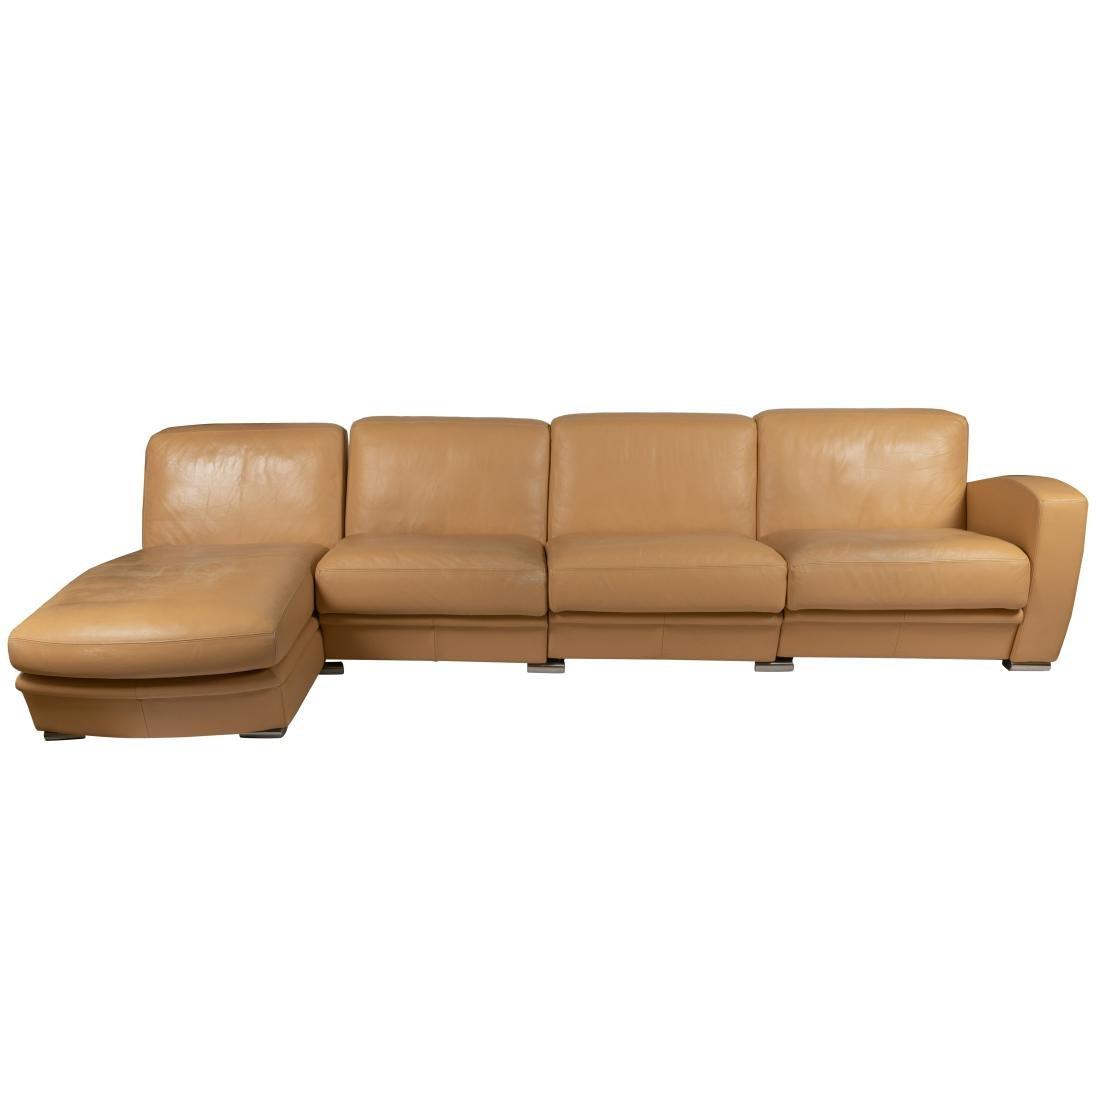 De Sede - Leather Sofa